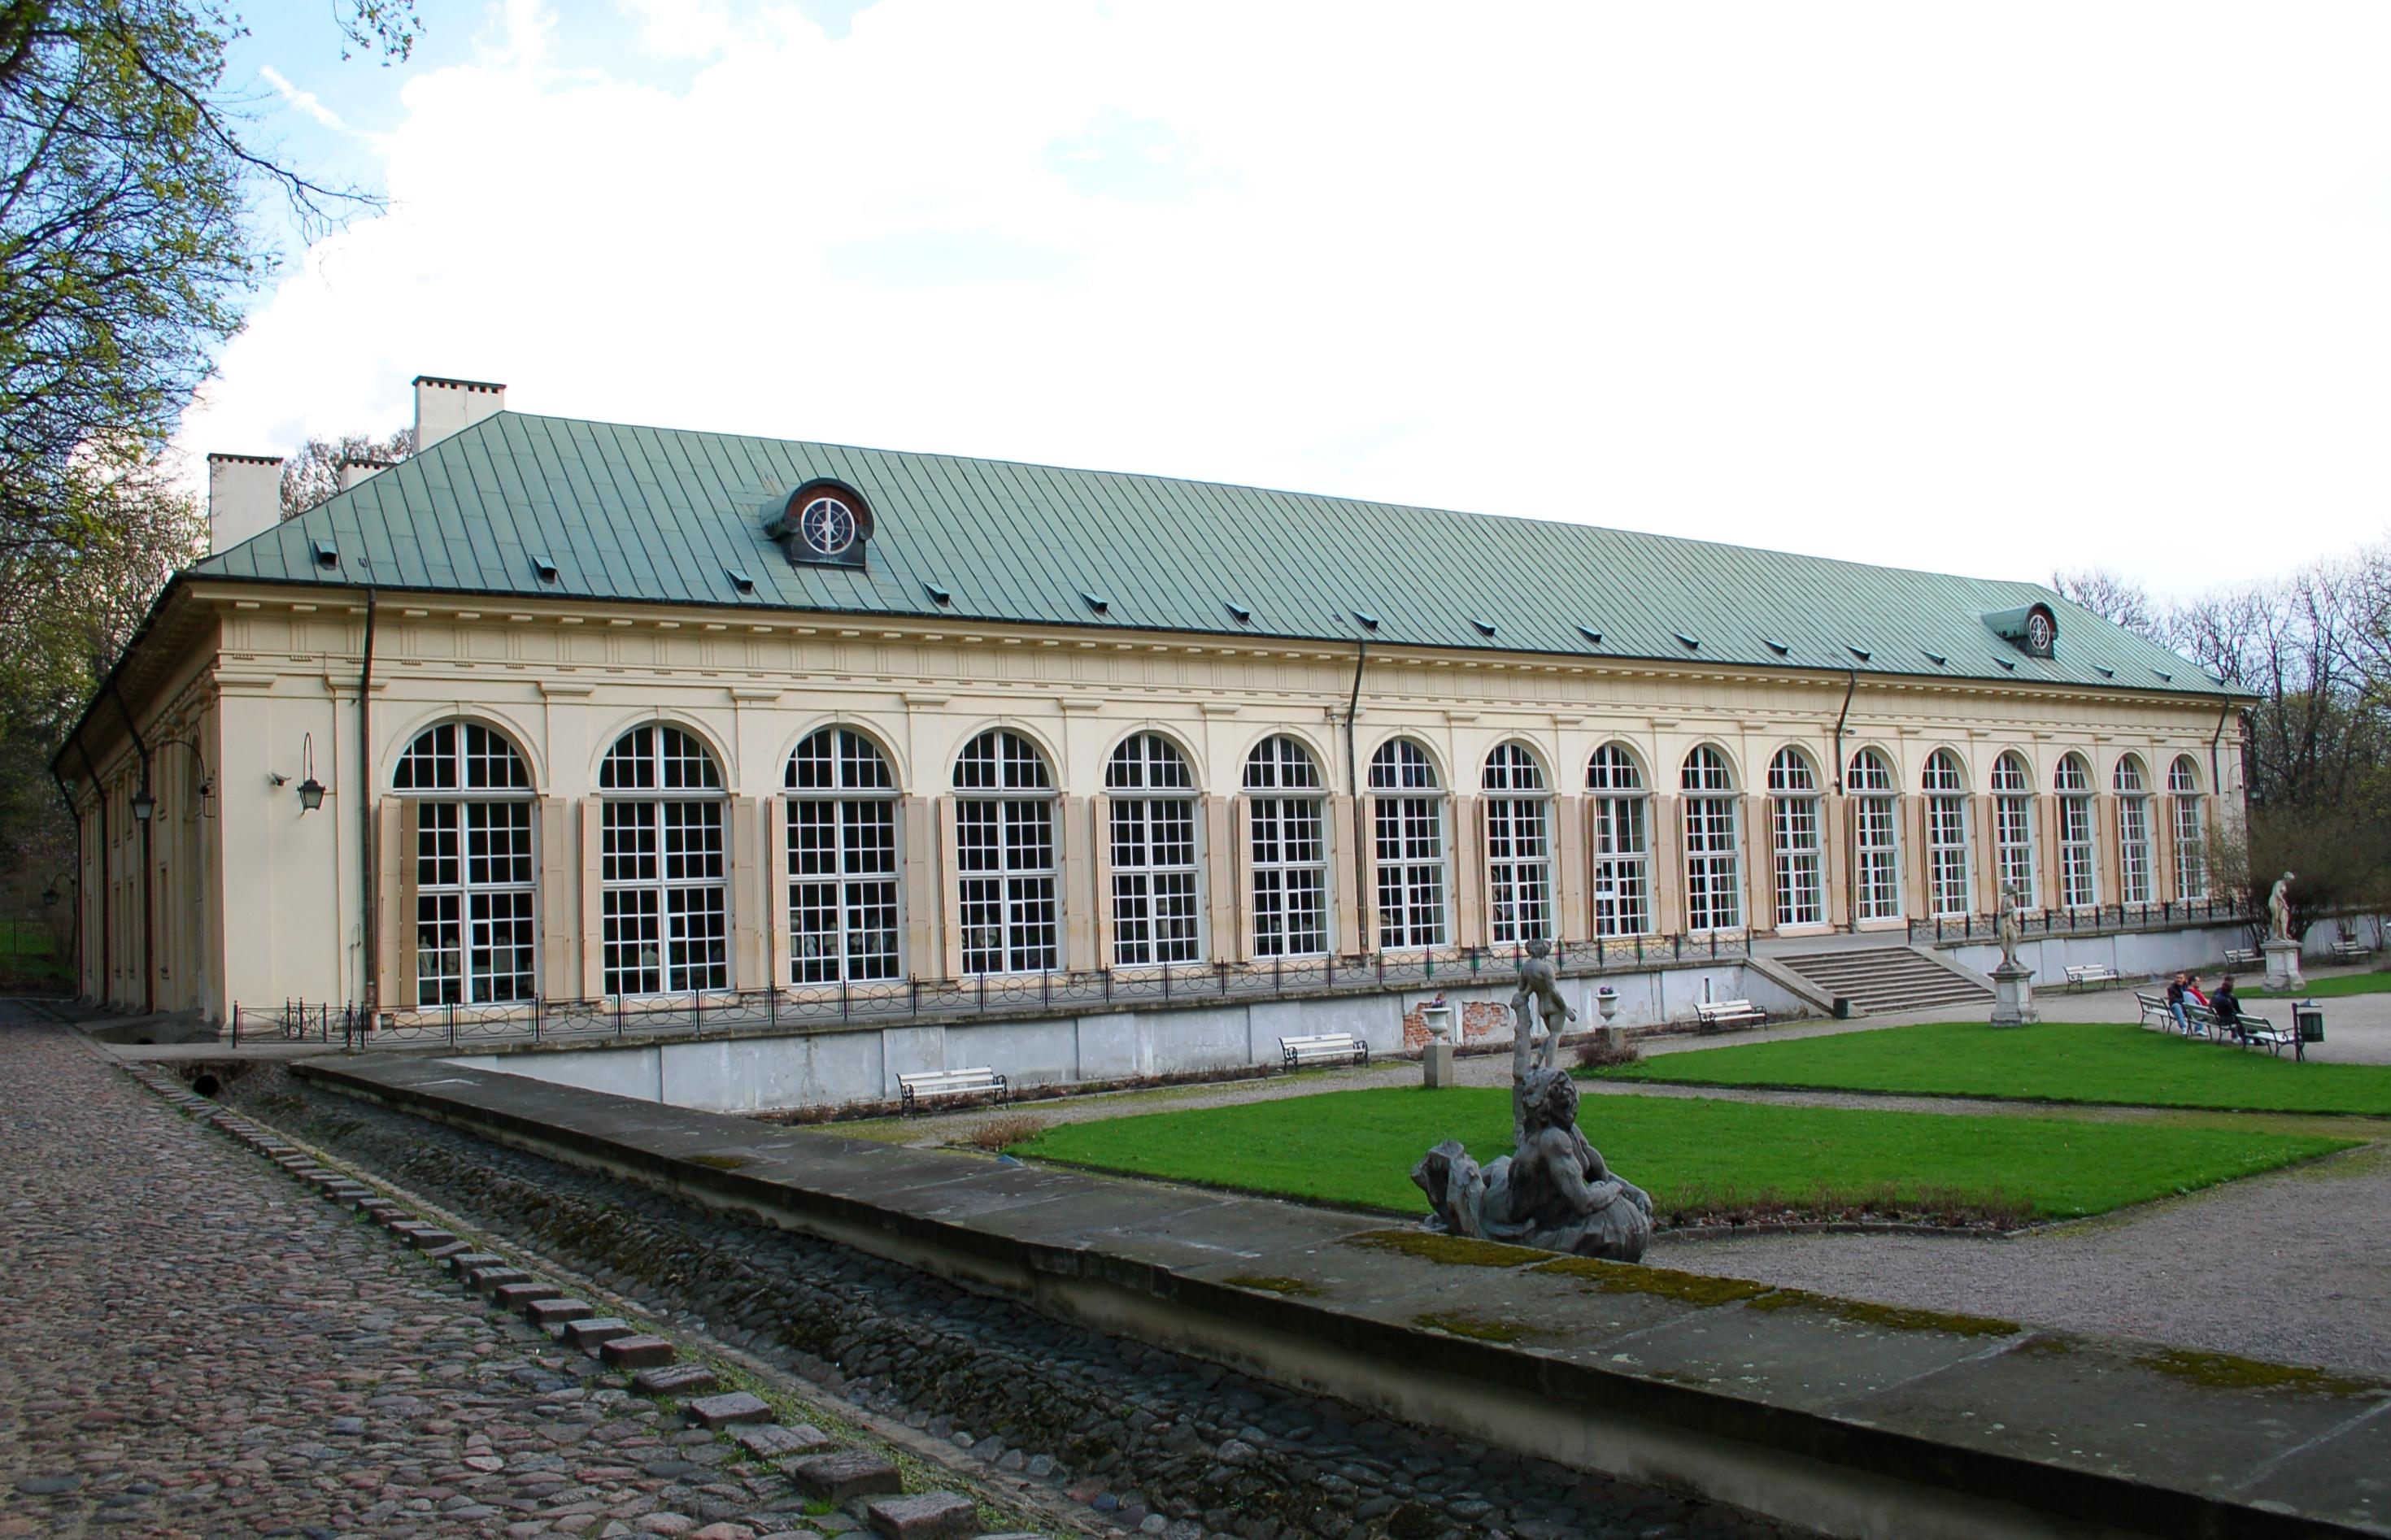 Plikłazienki Park Warschau Dsc 1521jpg Wikipedia Wolna Encyklopedia